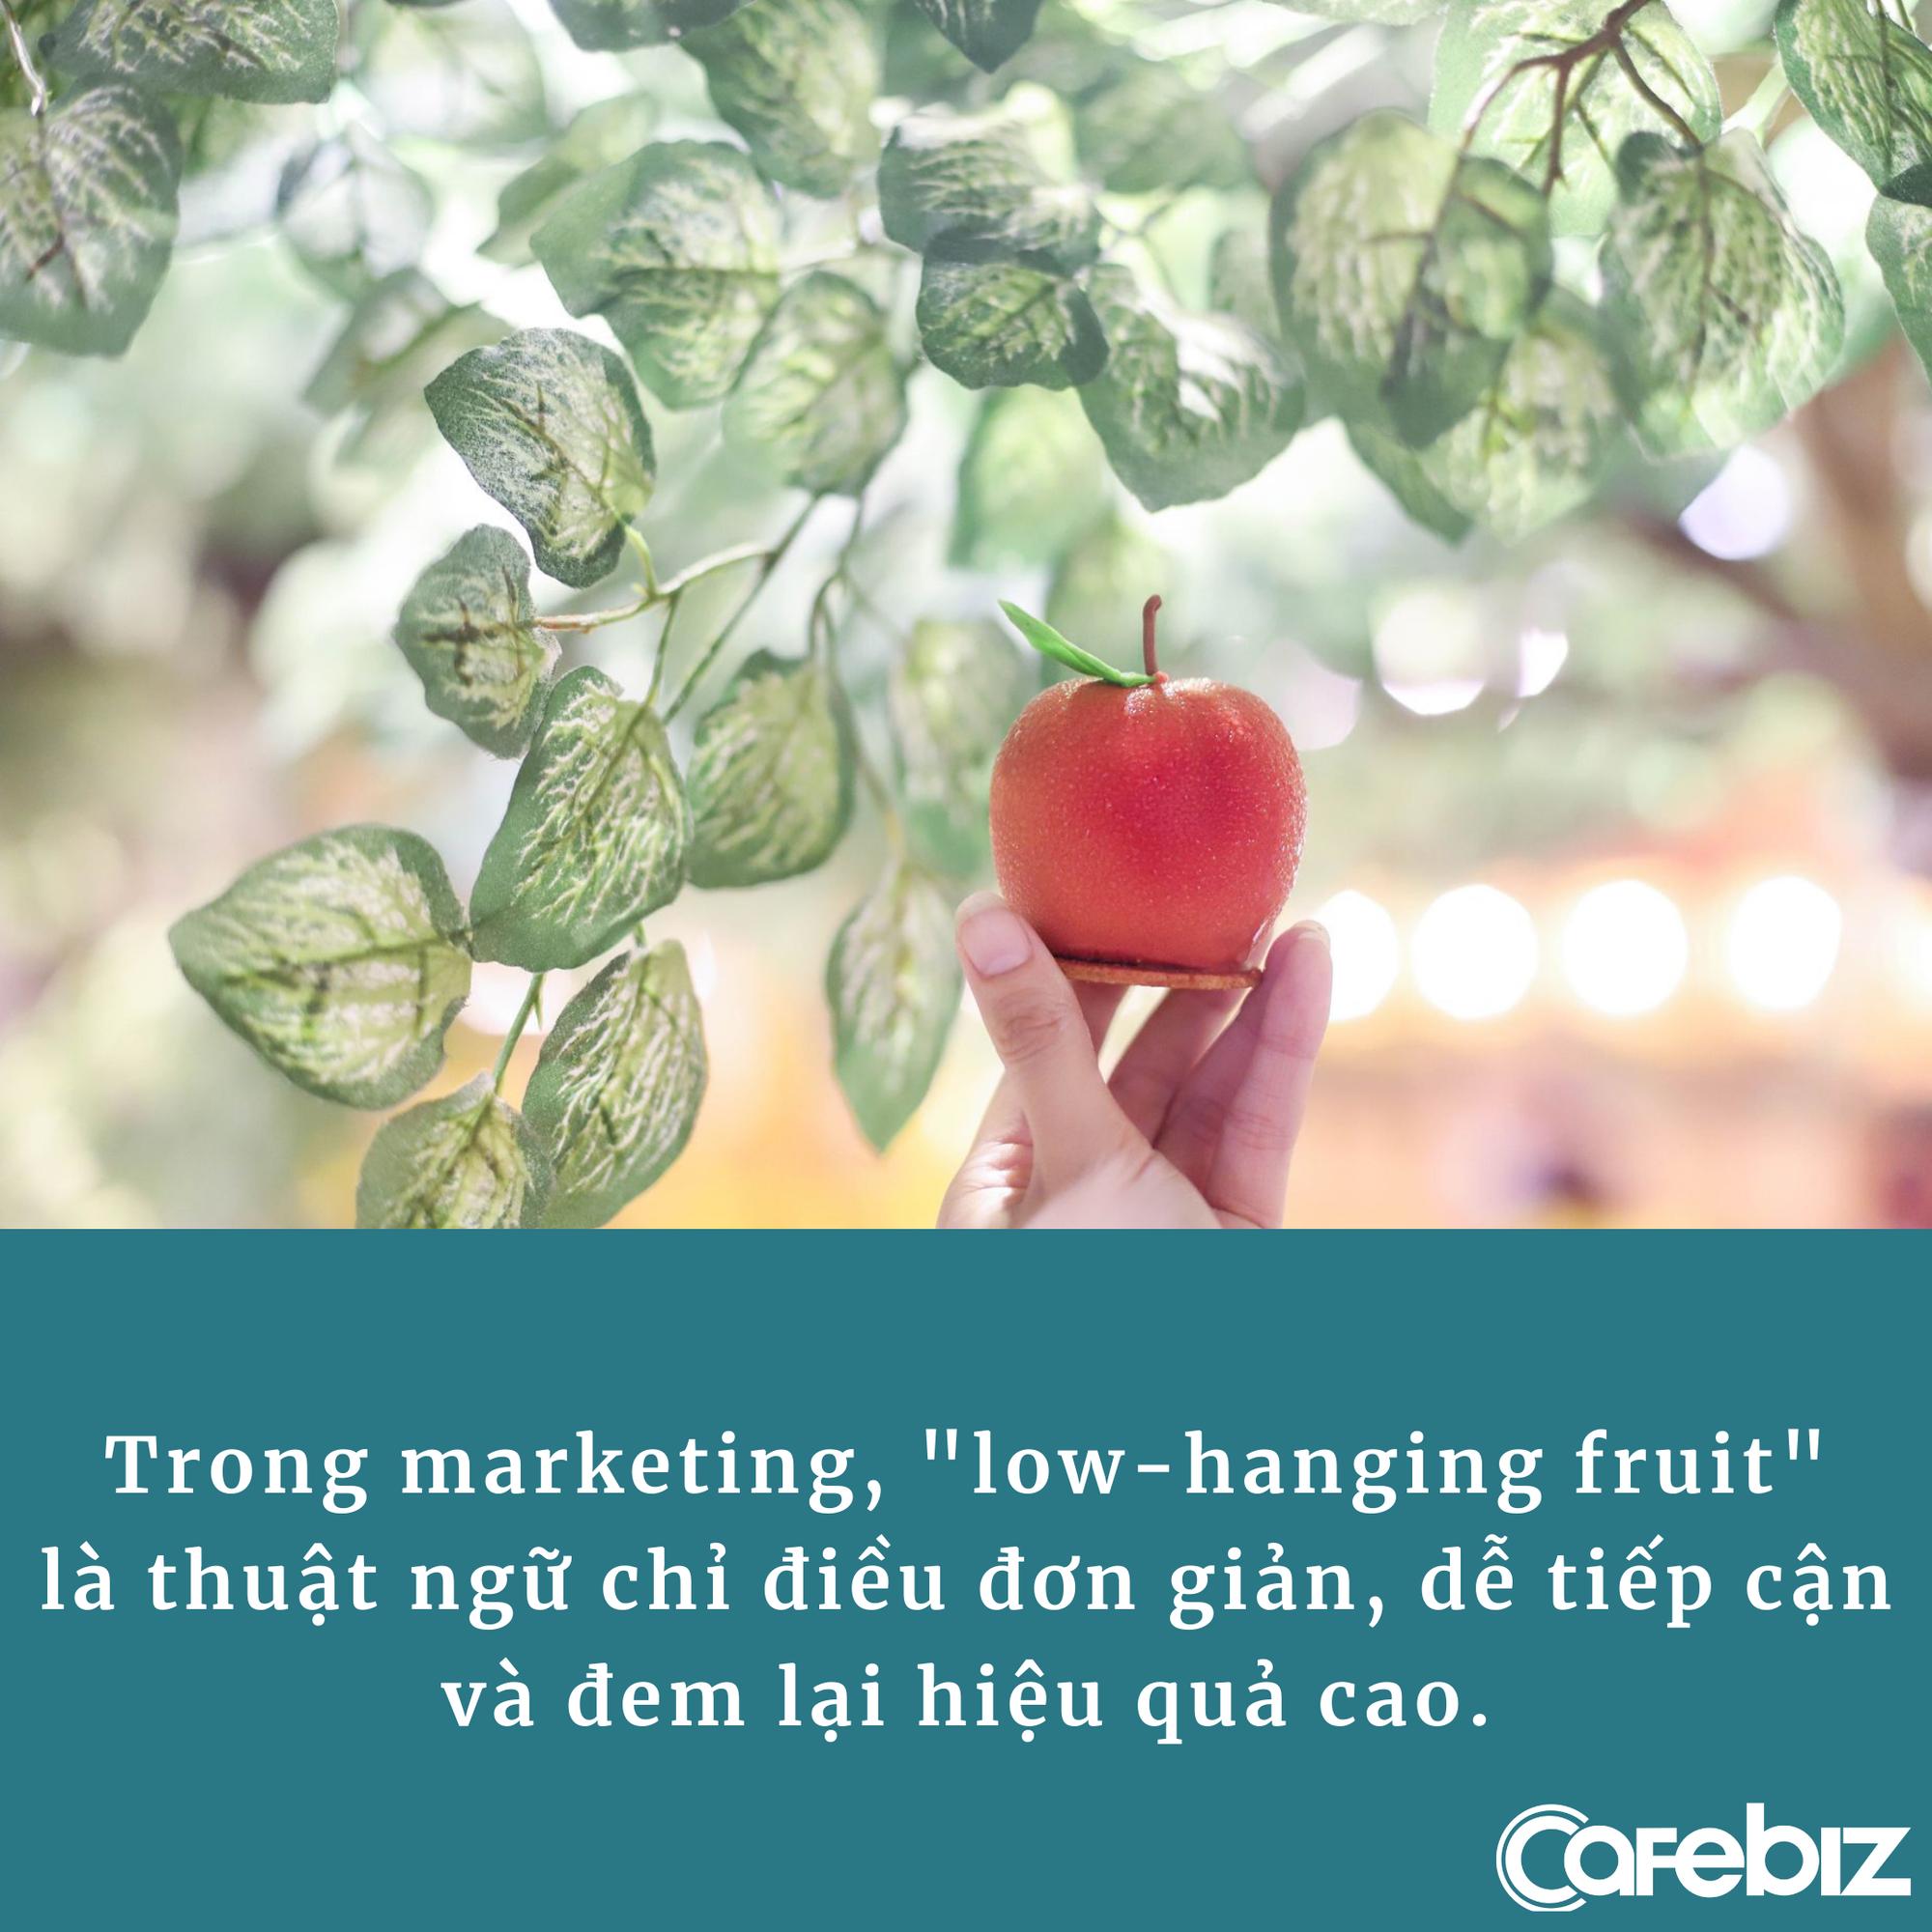 'Hái quả tầm thấp' – chiến thuật marketing giúp nhiều công ty vẫn ăn nên làm ra dù có ít khách hàng, bỏ ra chi phí tối thiểu thu về lợi nhuận không hề thấp - Ảnh 1.